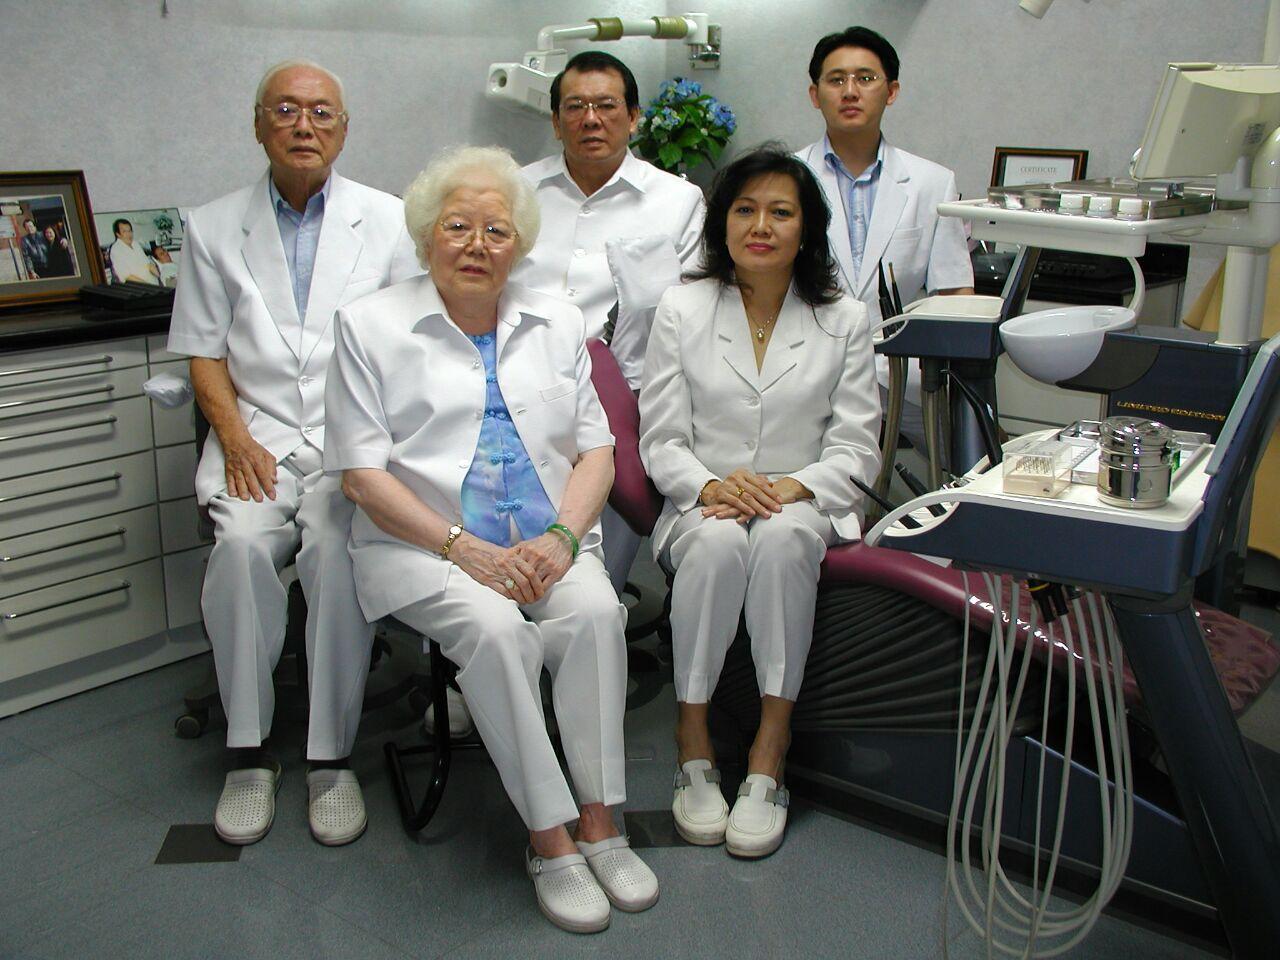 dentistgeneration